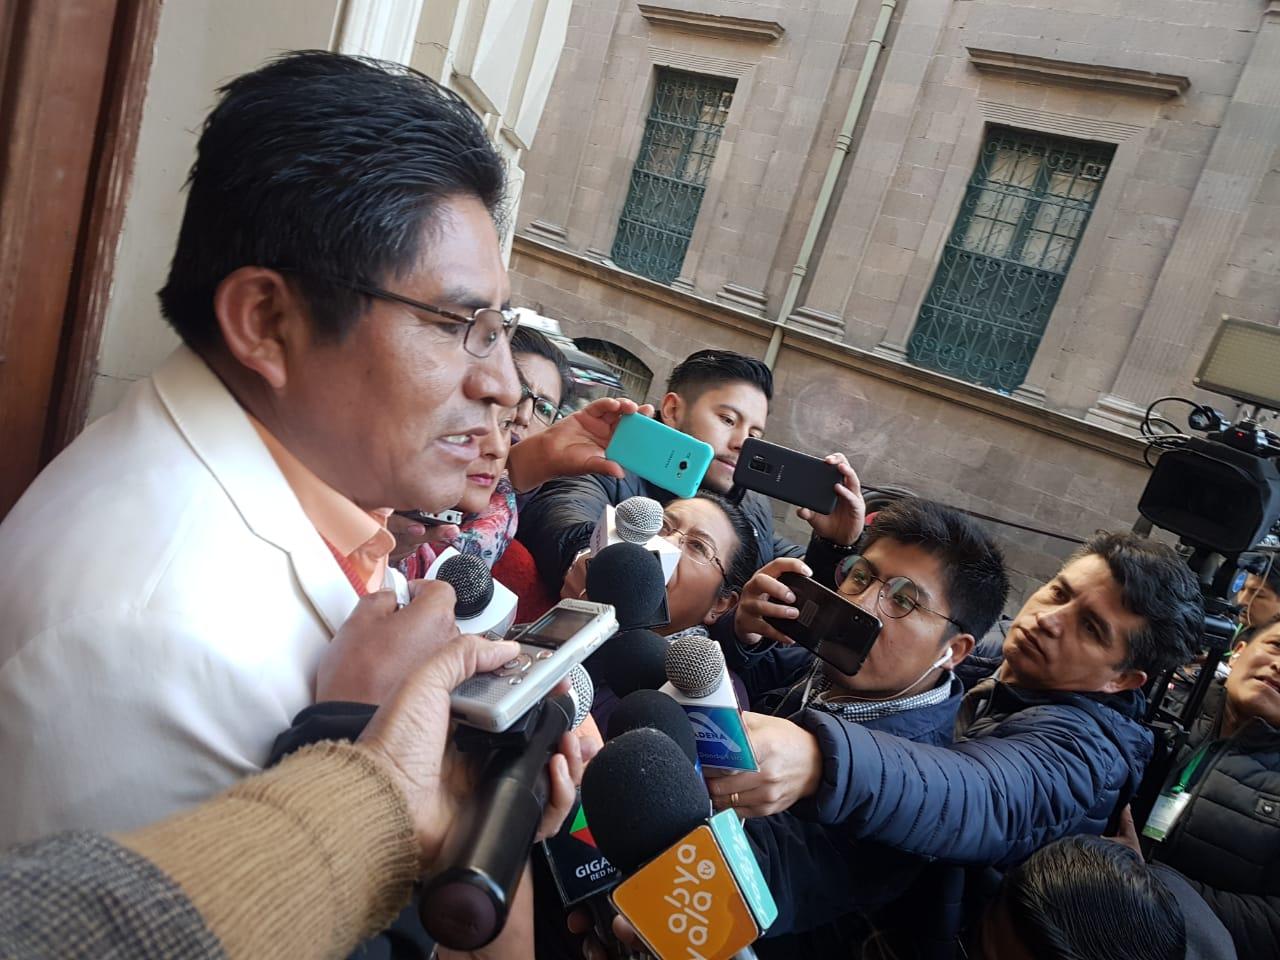 El gobernador paceño analiza la coyuntura electoral del país / GADLP